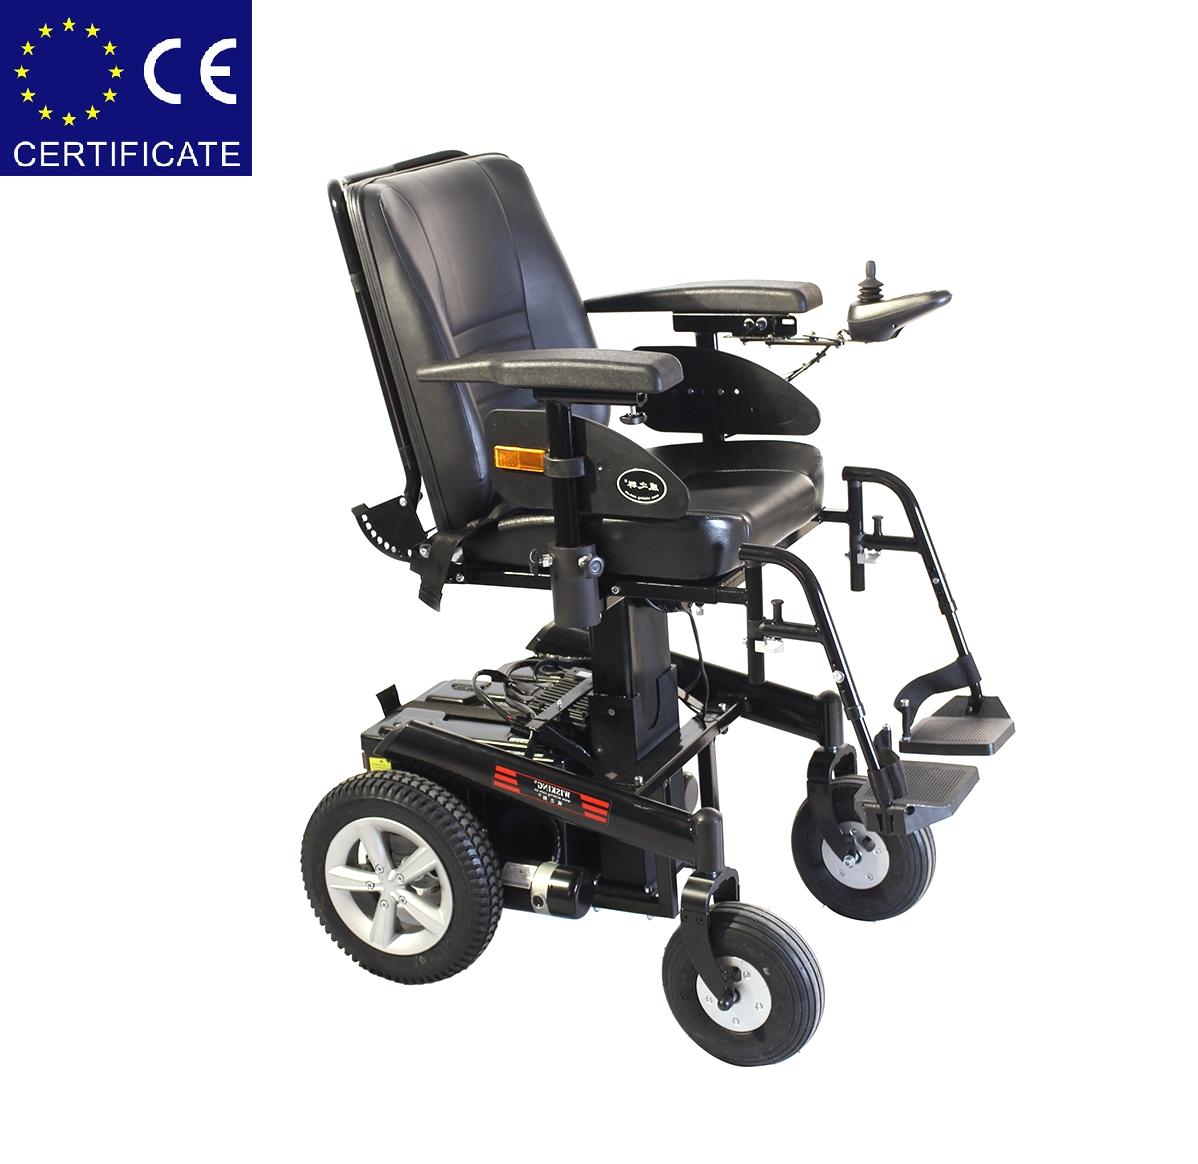 Инвалидная электроколяска с регулировкой высоты сиденья W1022